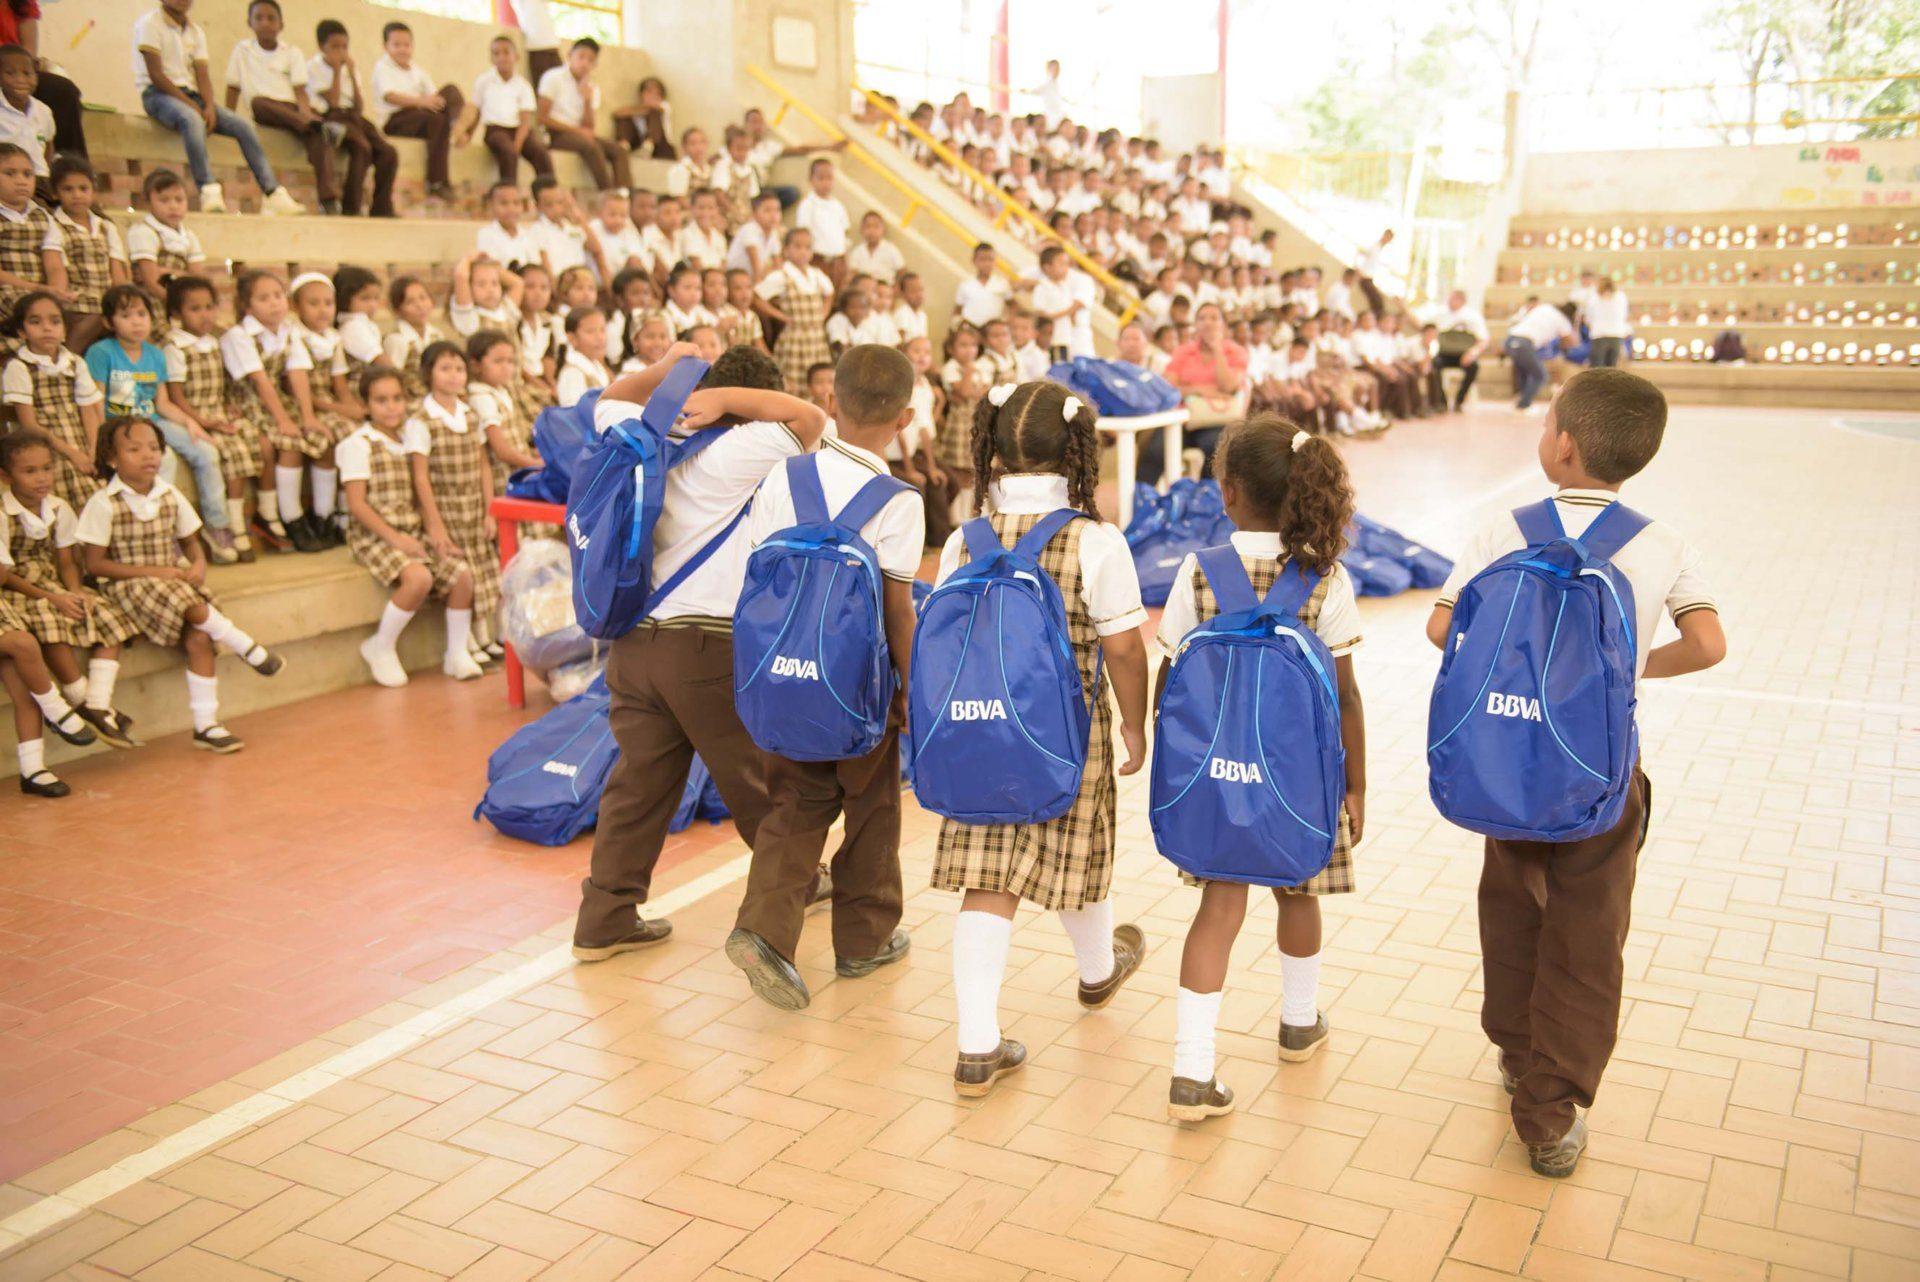 ninos-caminan-con-morrales-que-tienen-elementos-escolares-donados-por-bbva